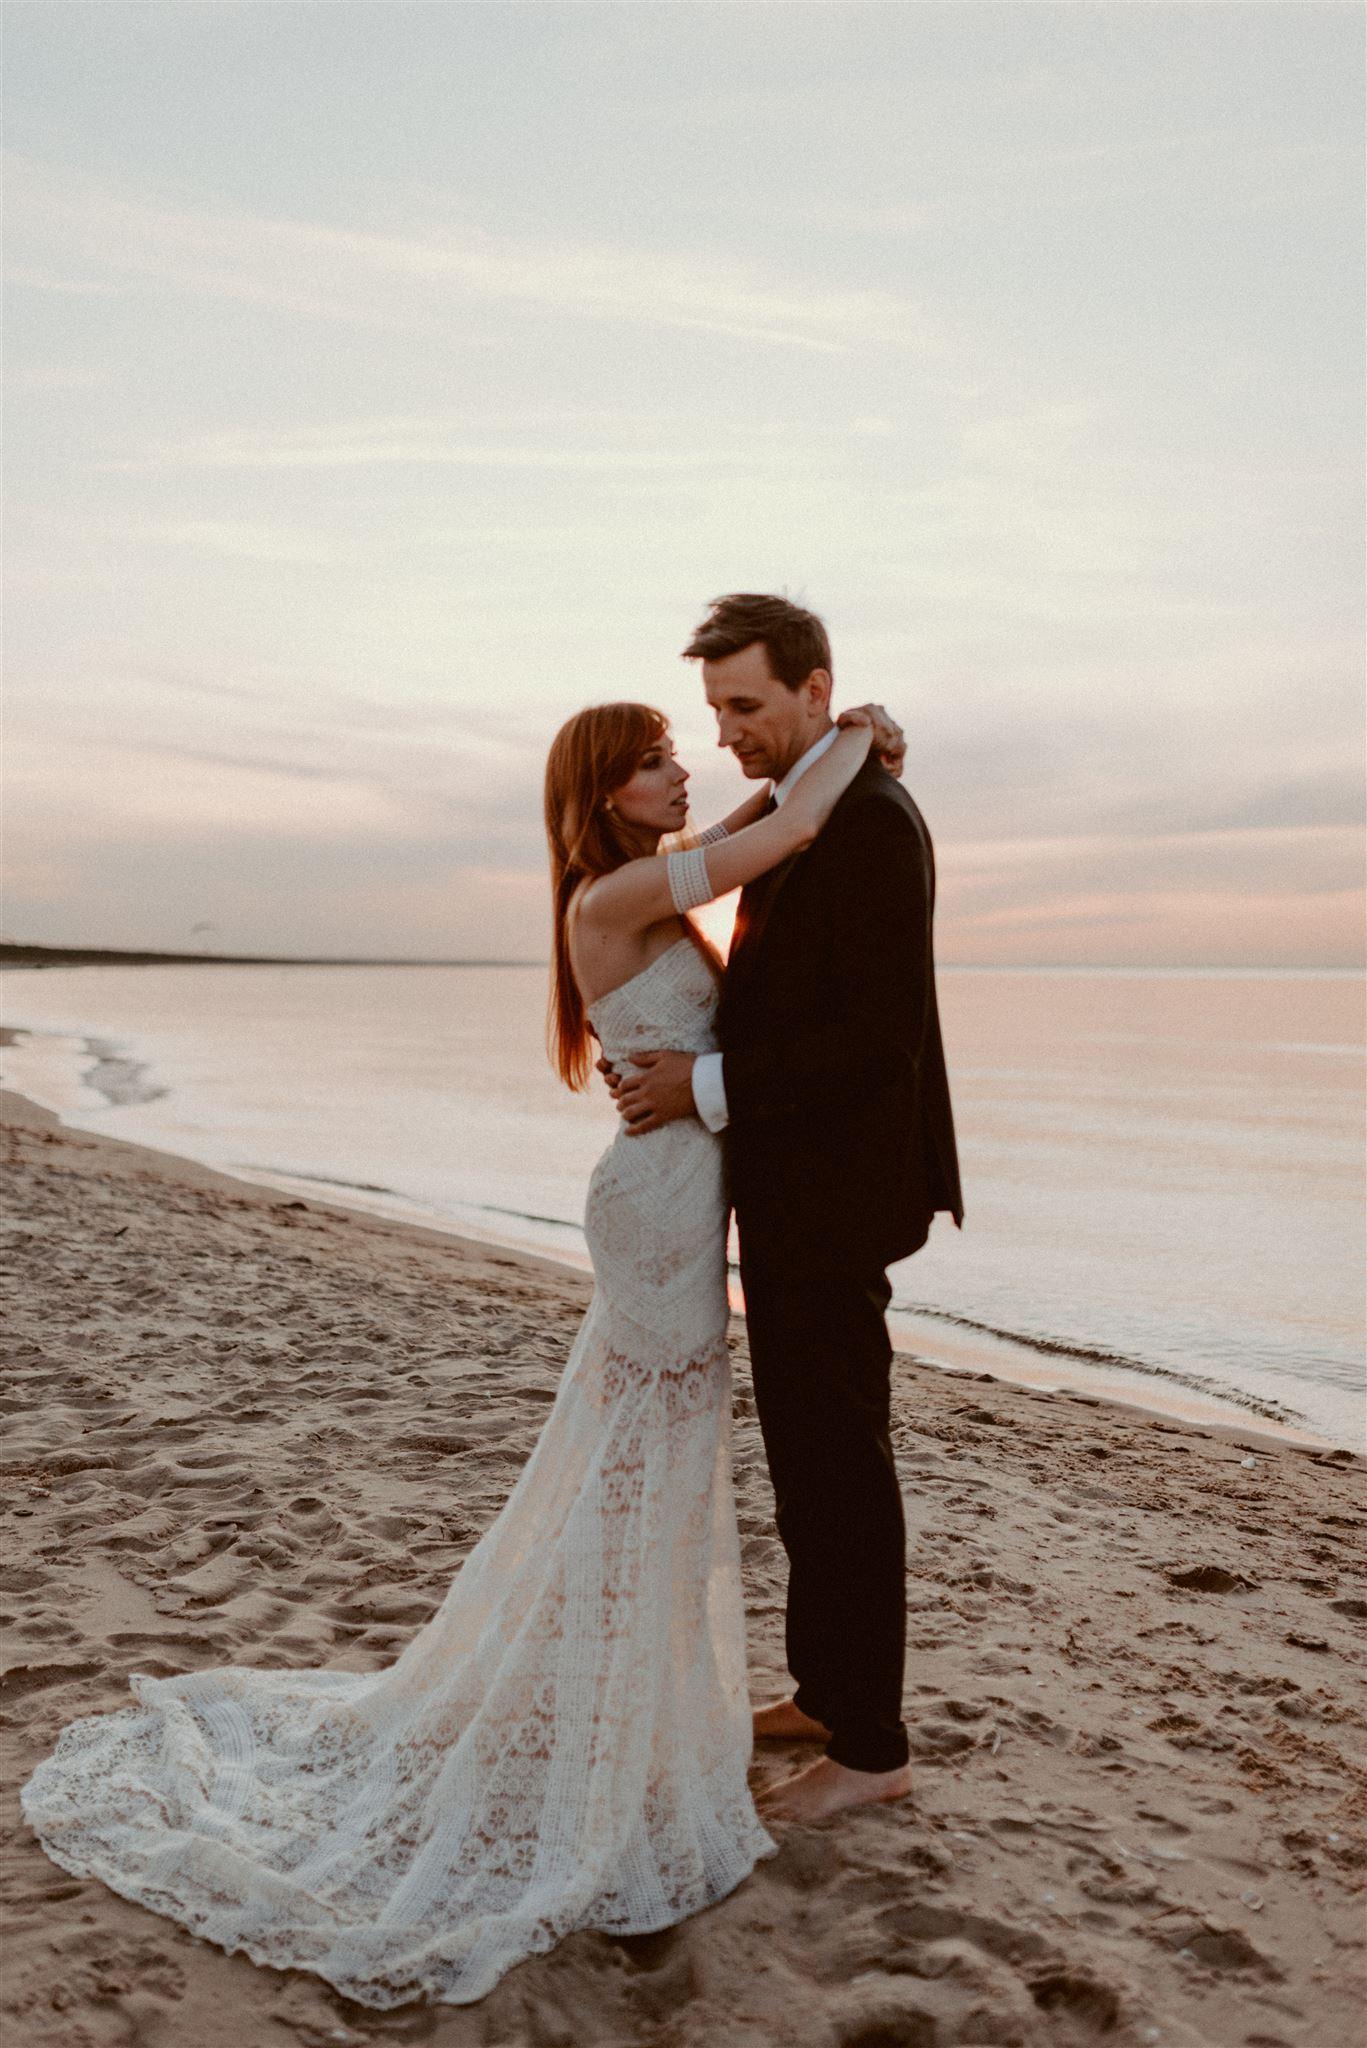 Nasza osobista sesja poślubna! 14 DSC 6705 websize